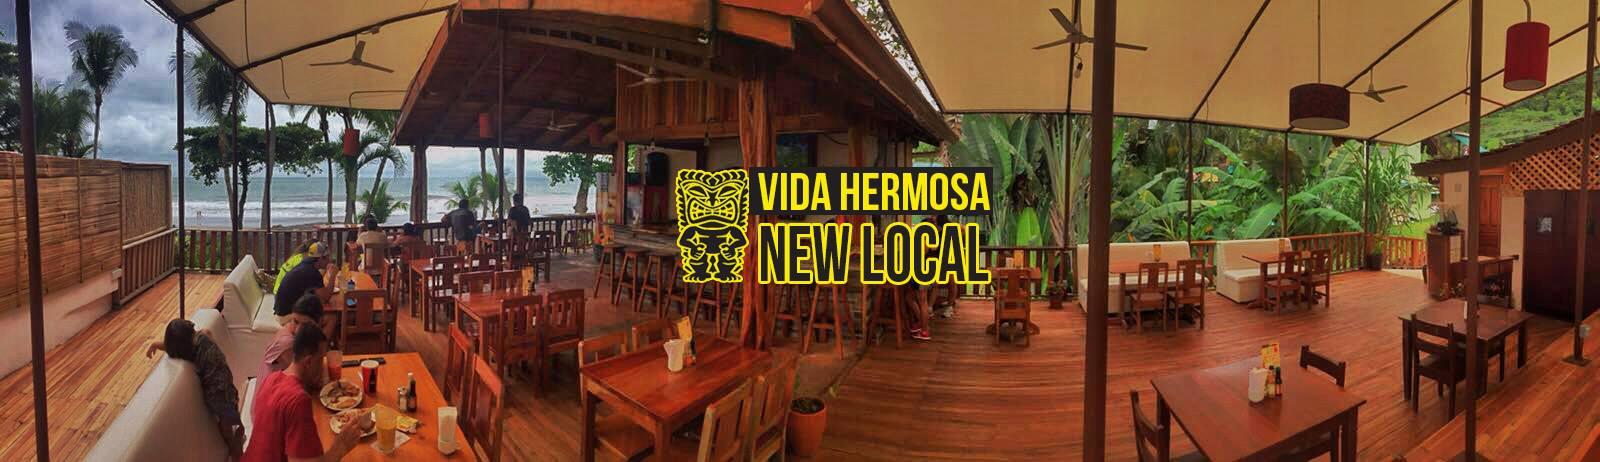 hook up Restaurant Los suenos Costa Rica huwelijk niet dating assistir online Legendado